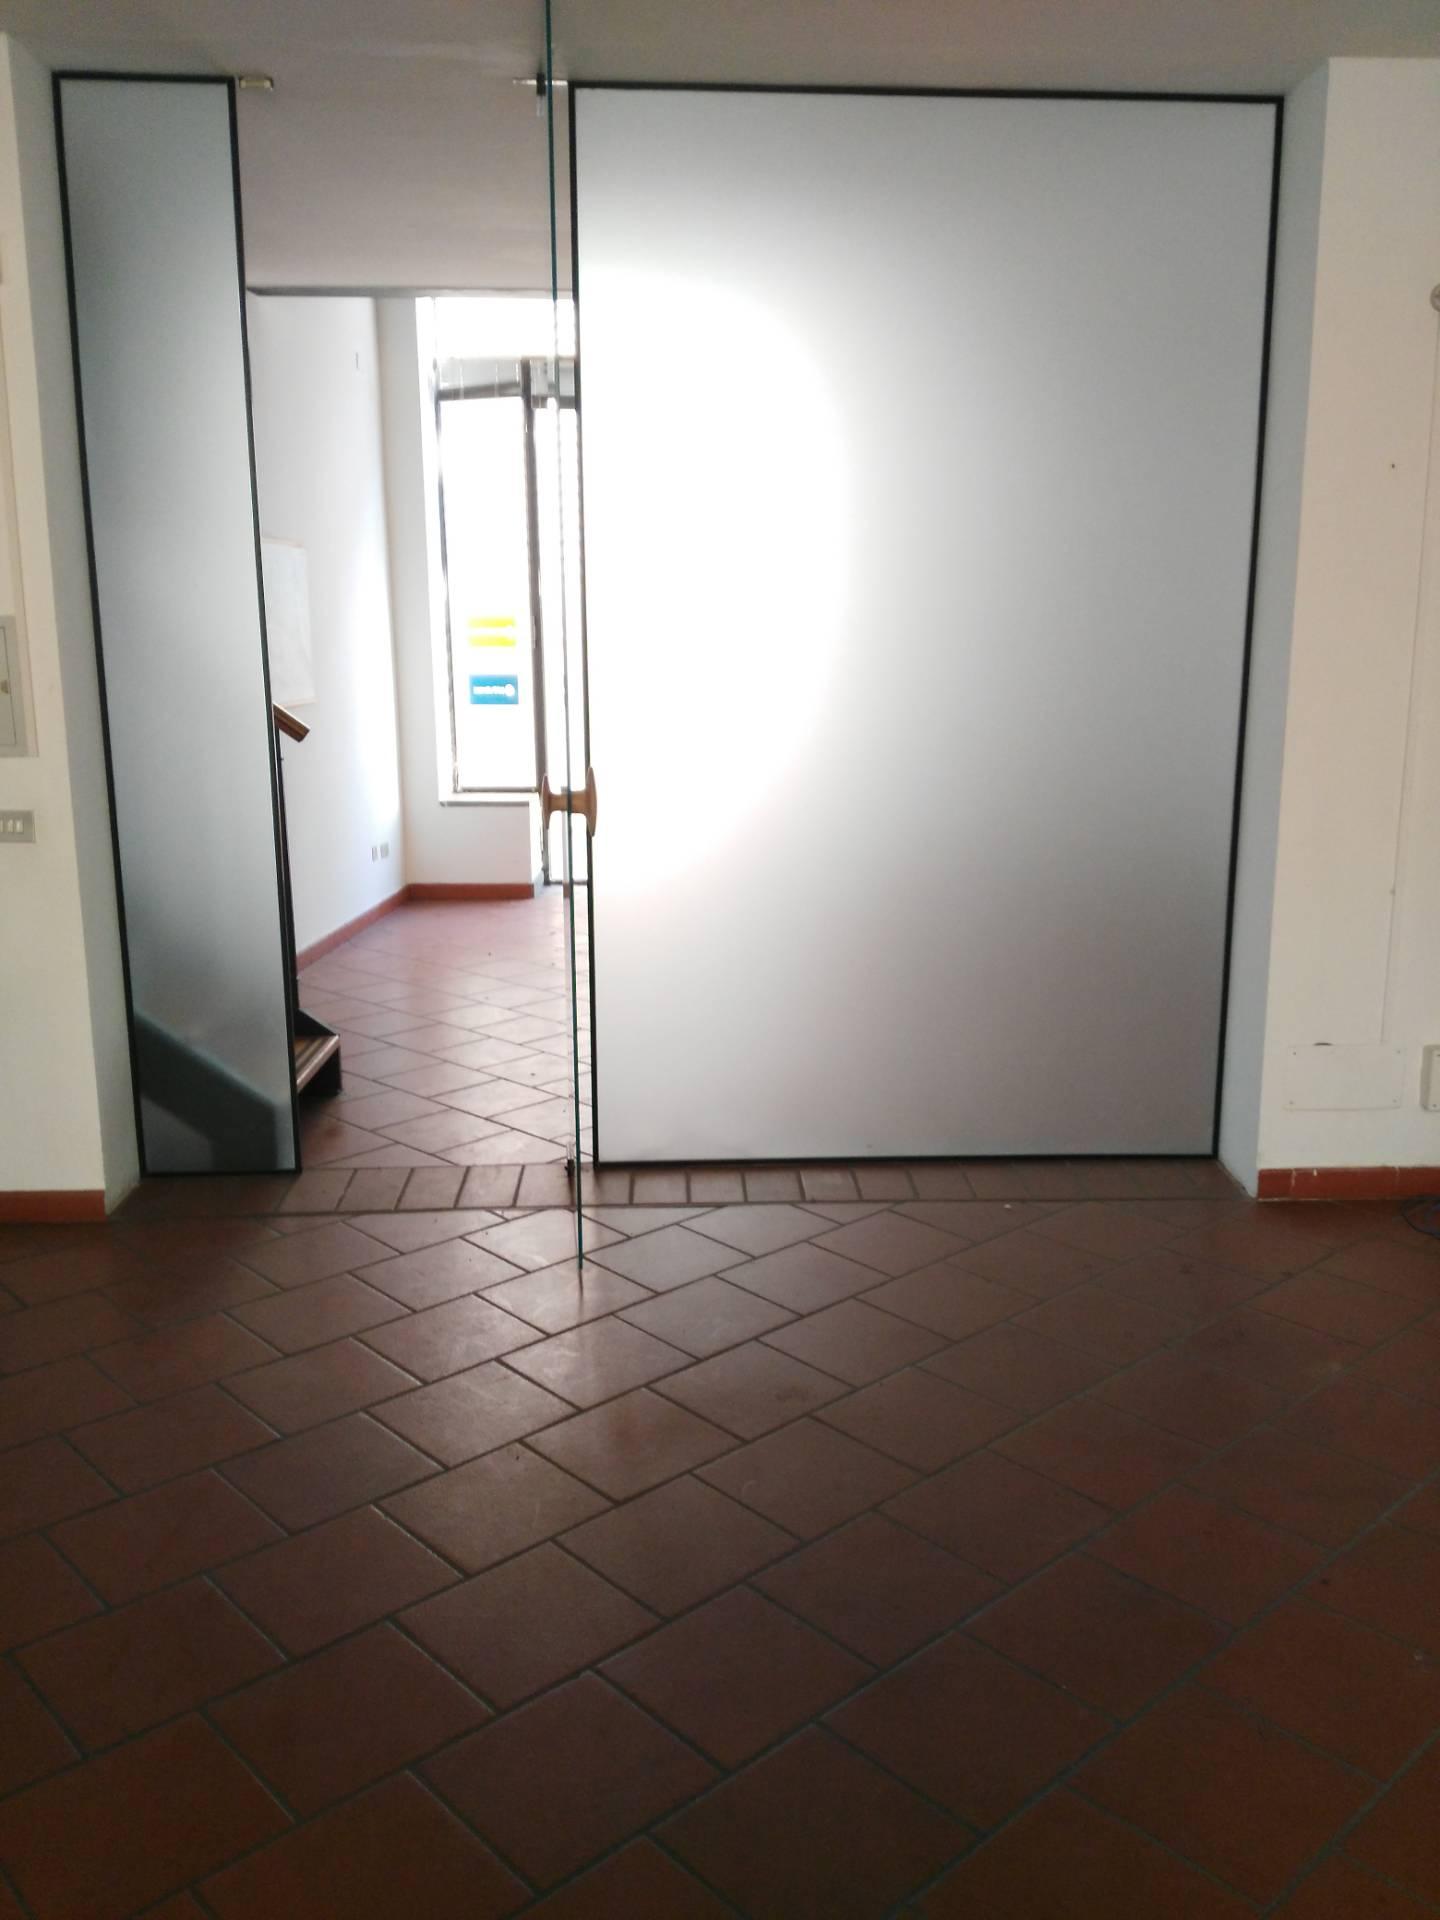 Negozio / Locale in affitto a Faenza, 9999 locali, zona Località: CENTRO, prezzo € 2.500   CambioCasa.it